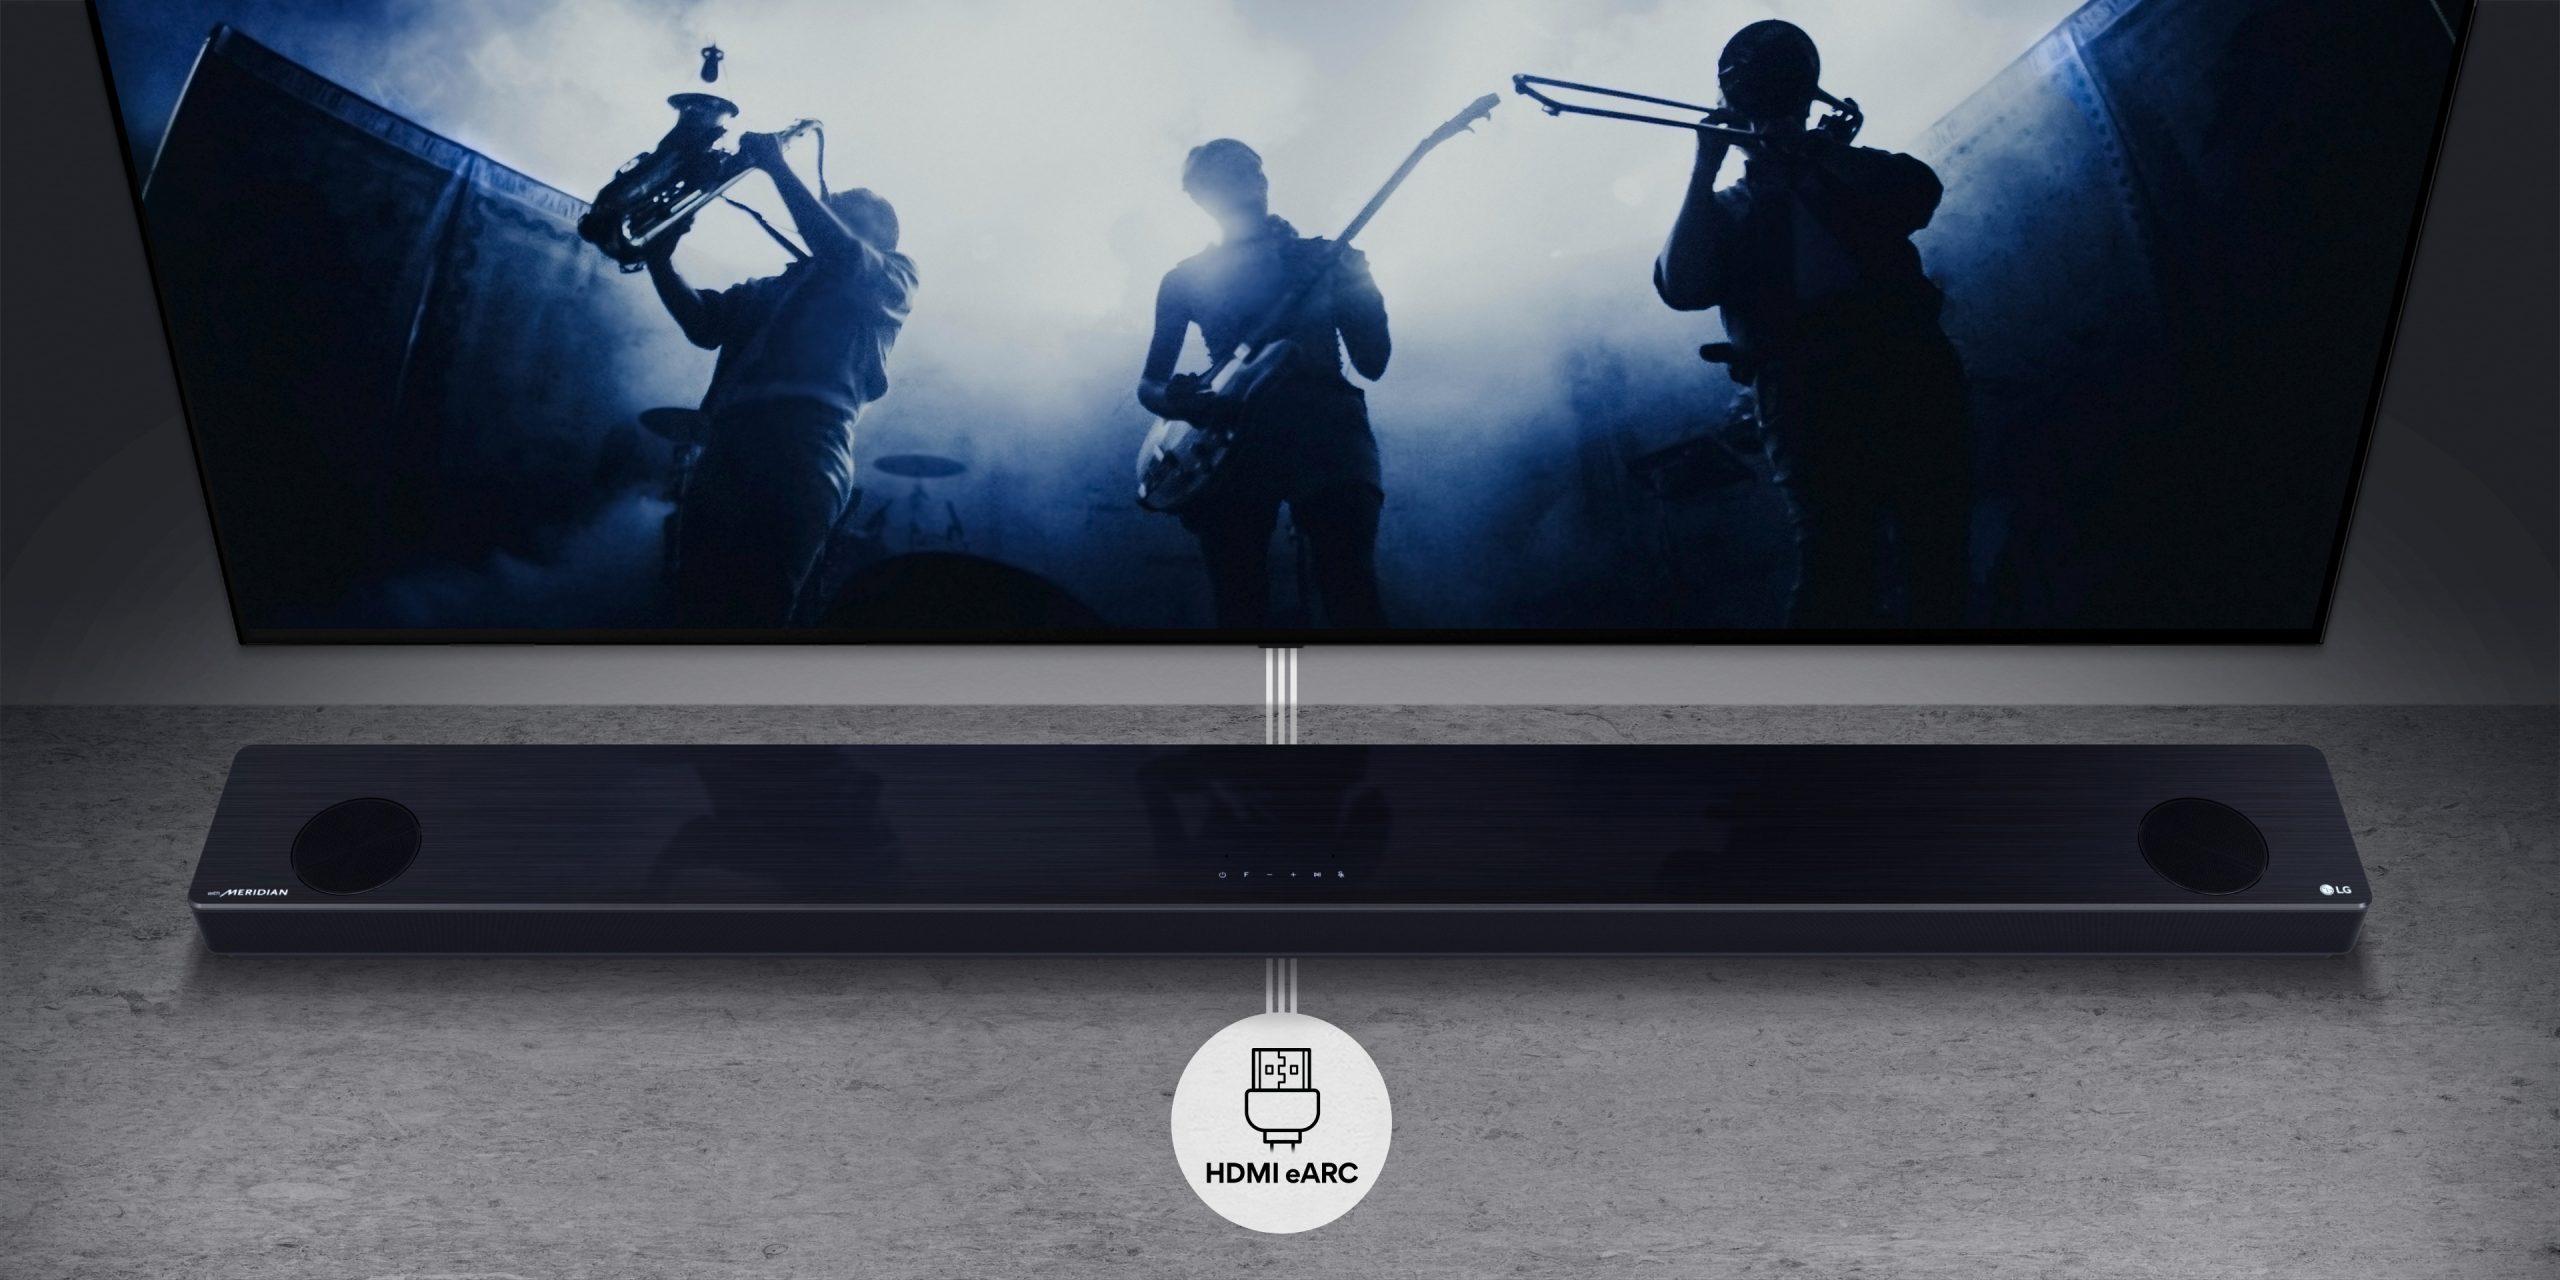 LG Soundbar Features 01